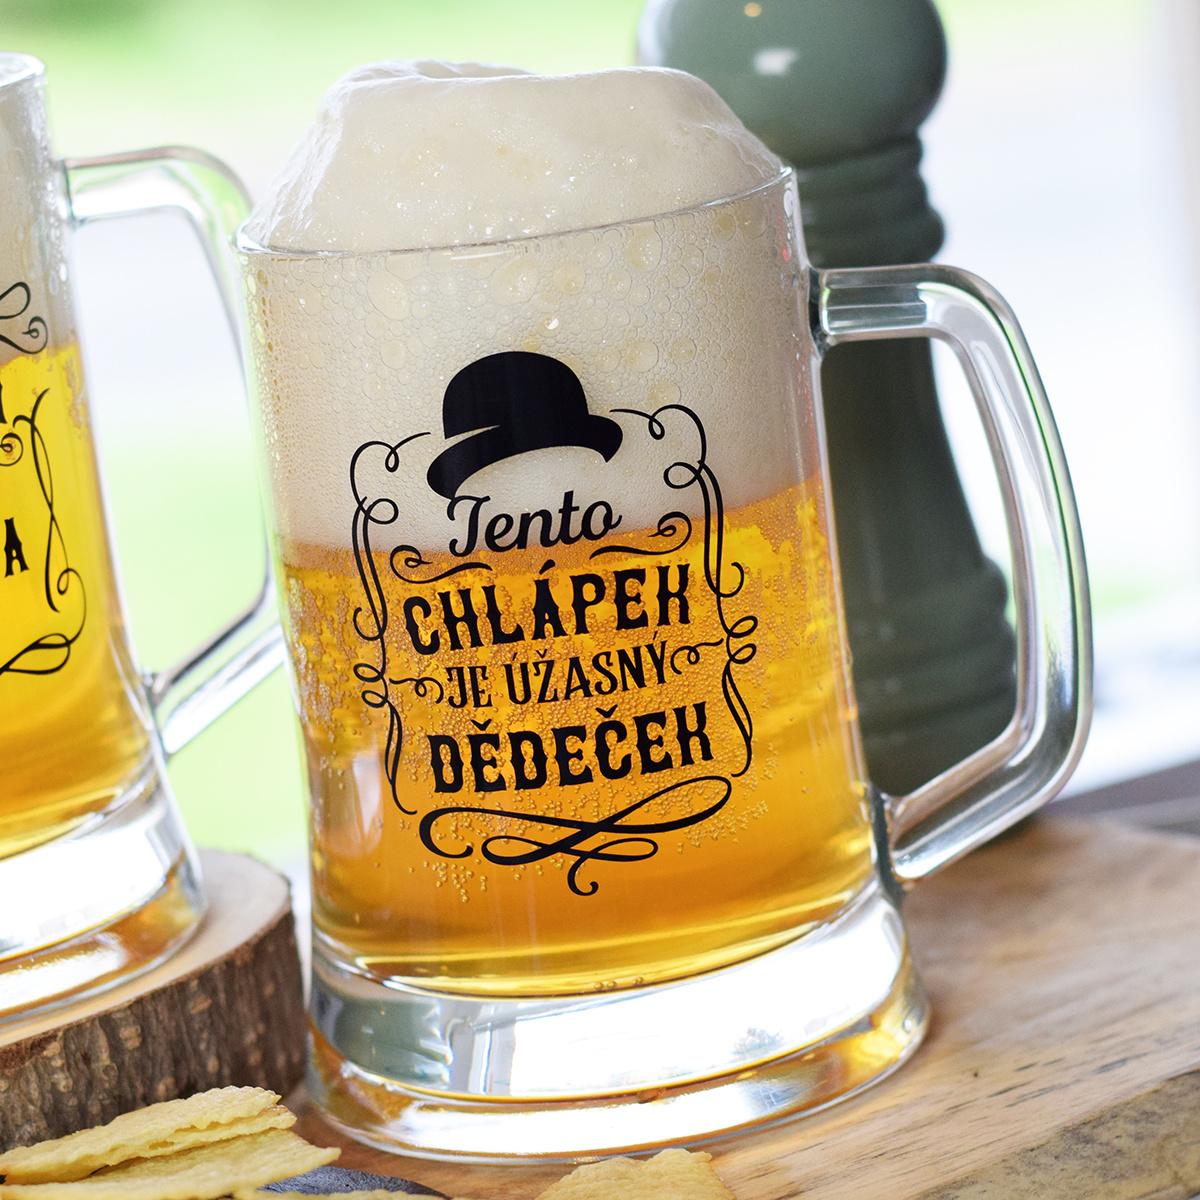 HOUSEDECOR Pivní džbánek pro dědečka - Úžasný dědeček